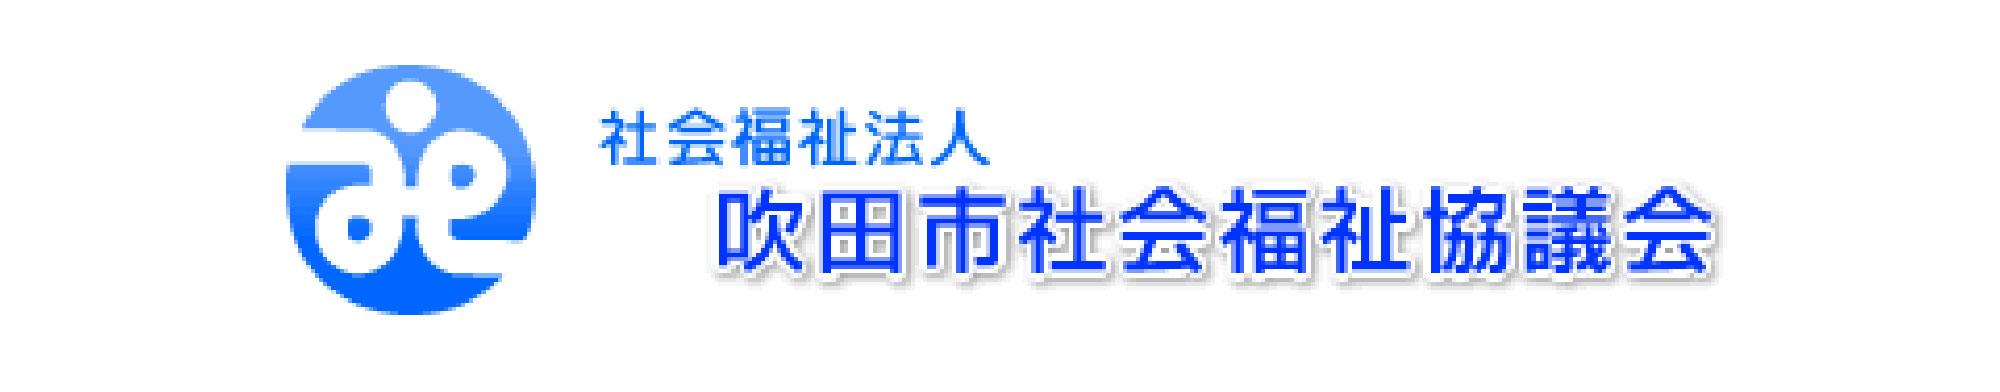 吹田社会福祉協議会